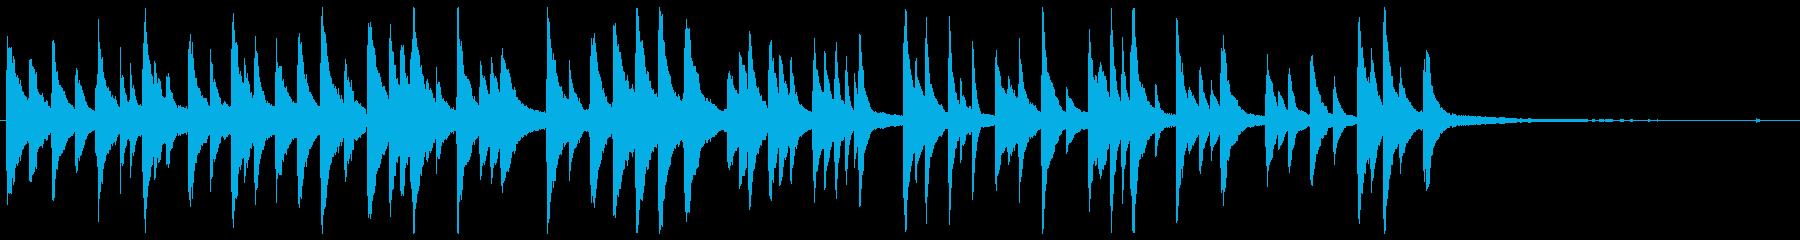 「たなばたさま」ゆったりとしたピアノソロの再生済みの波形